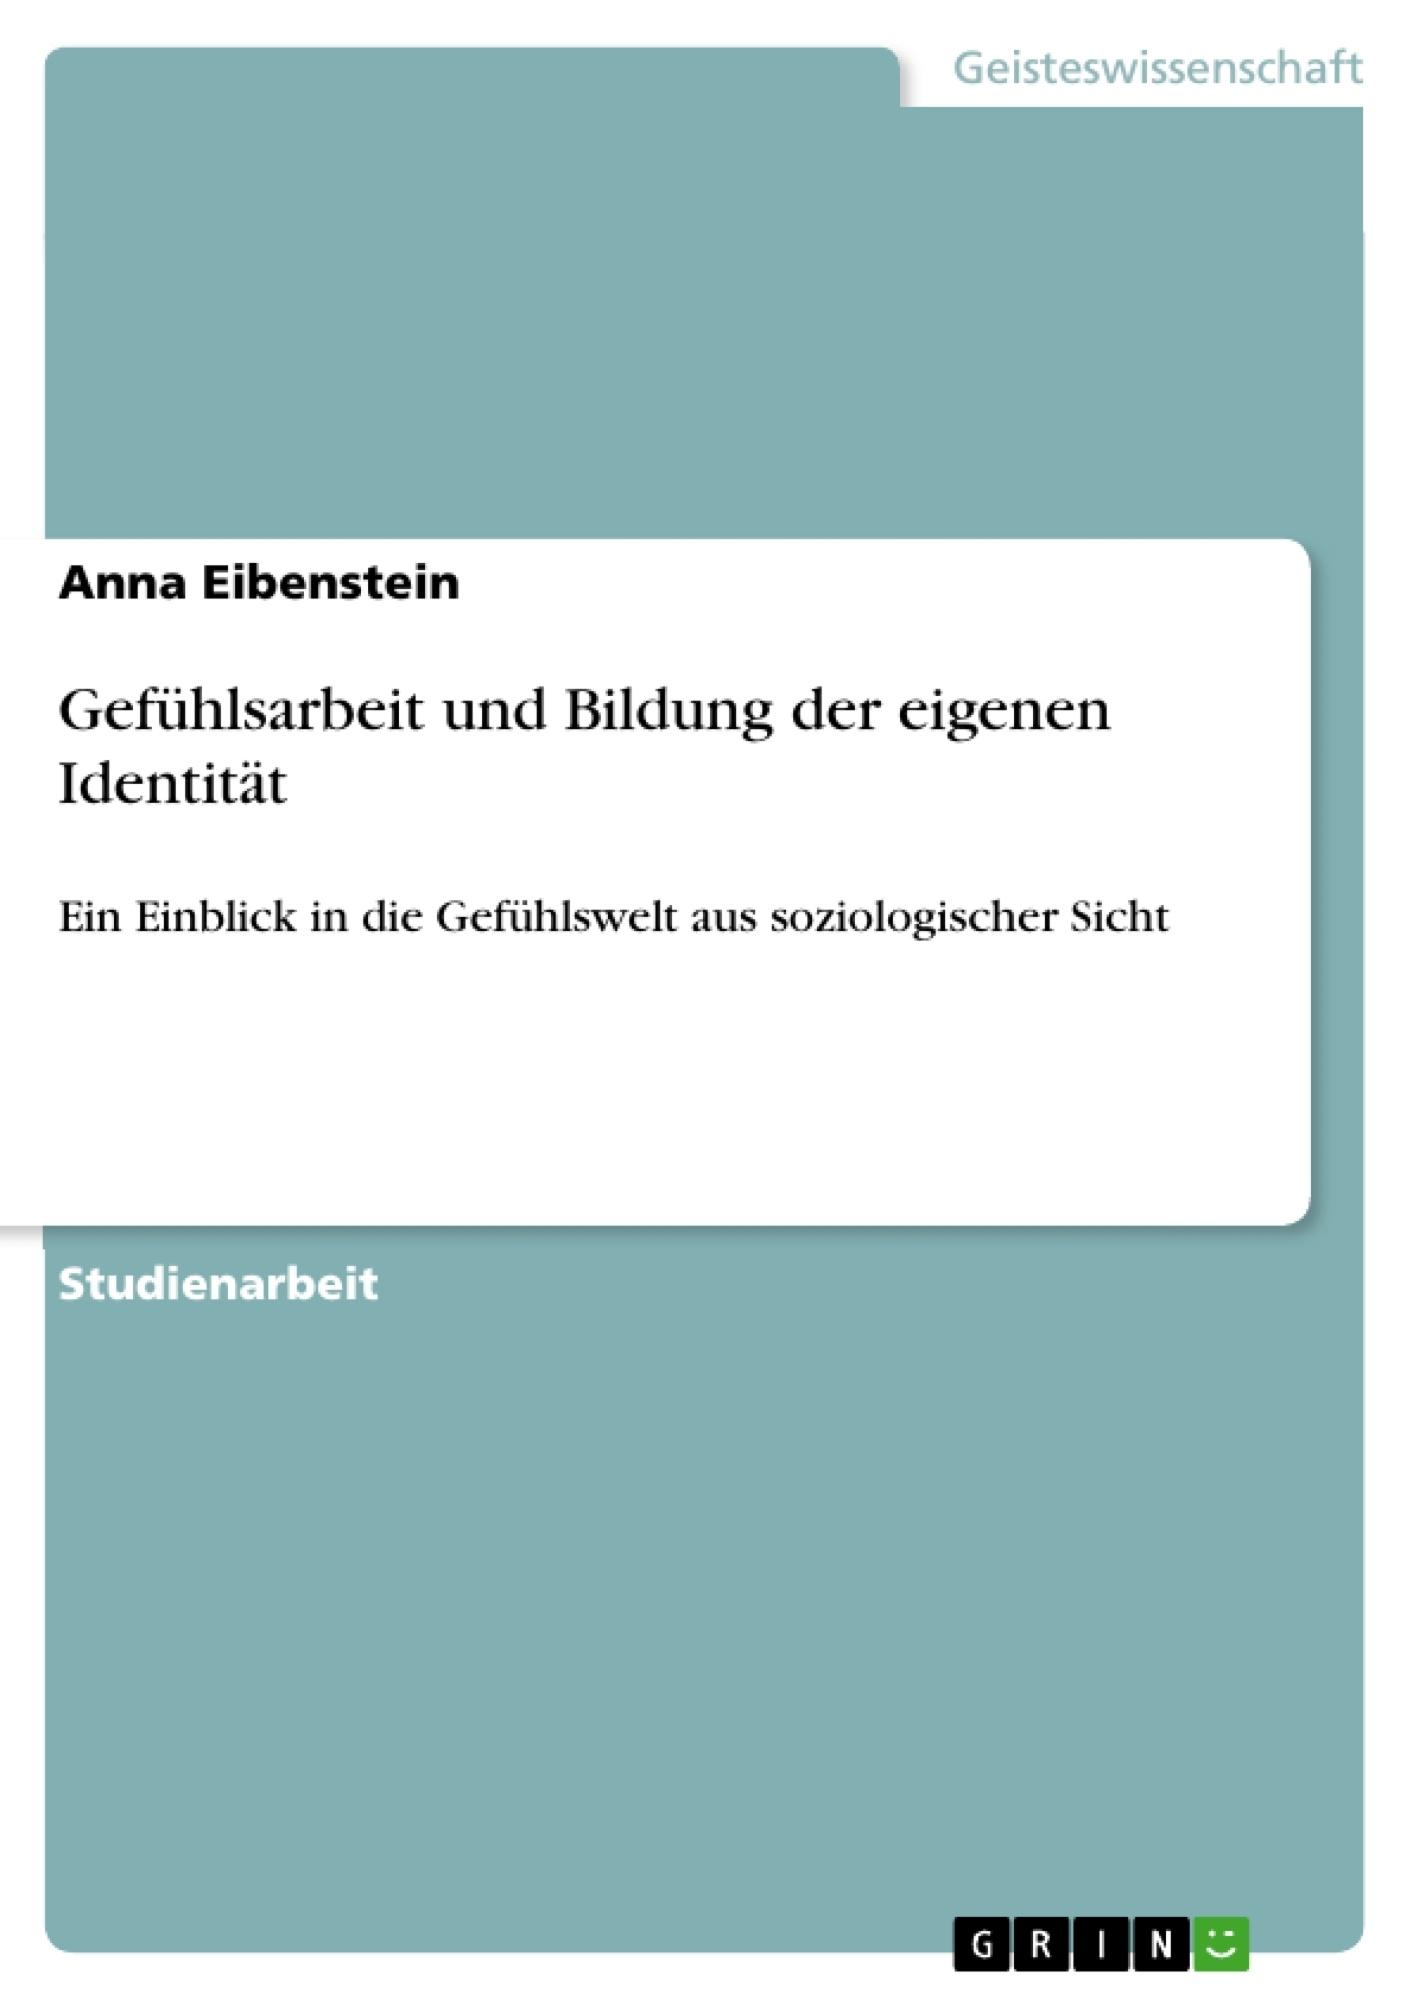 Titel: Gefühlsarbeit und Bildung der eigenen Identität